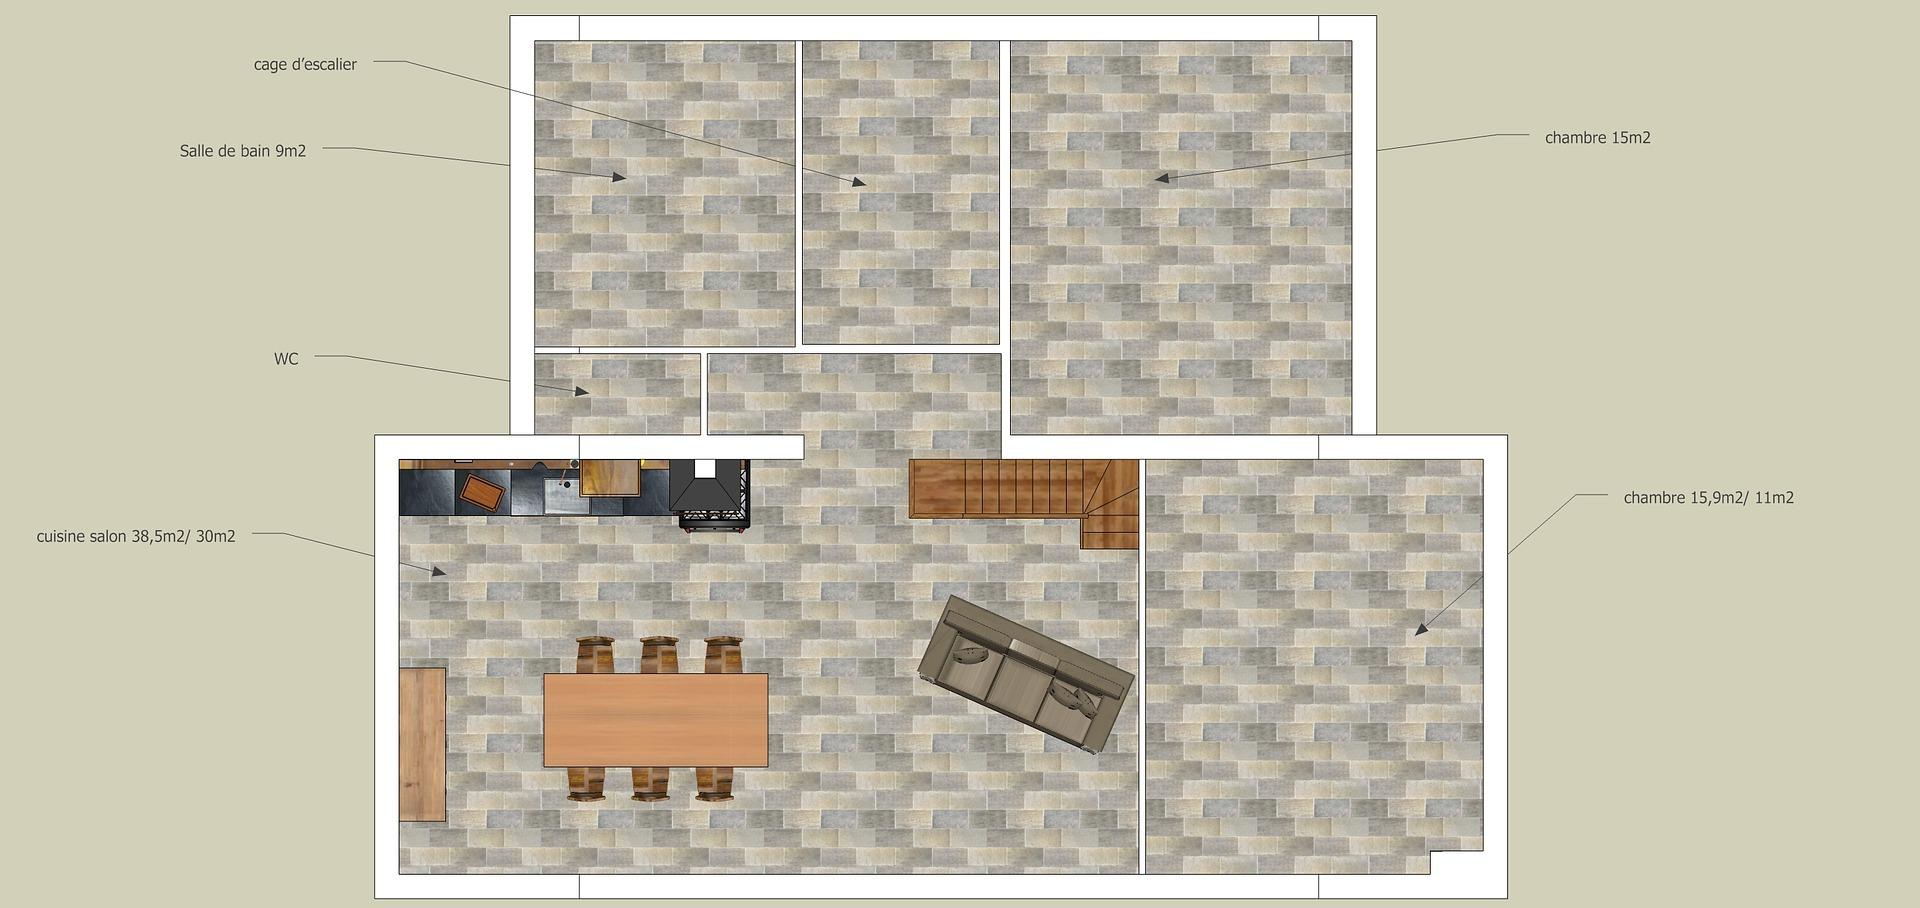 plan d'appartement cc0 public domain - travaux